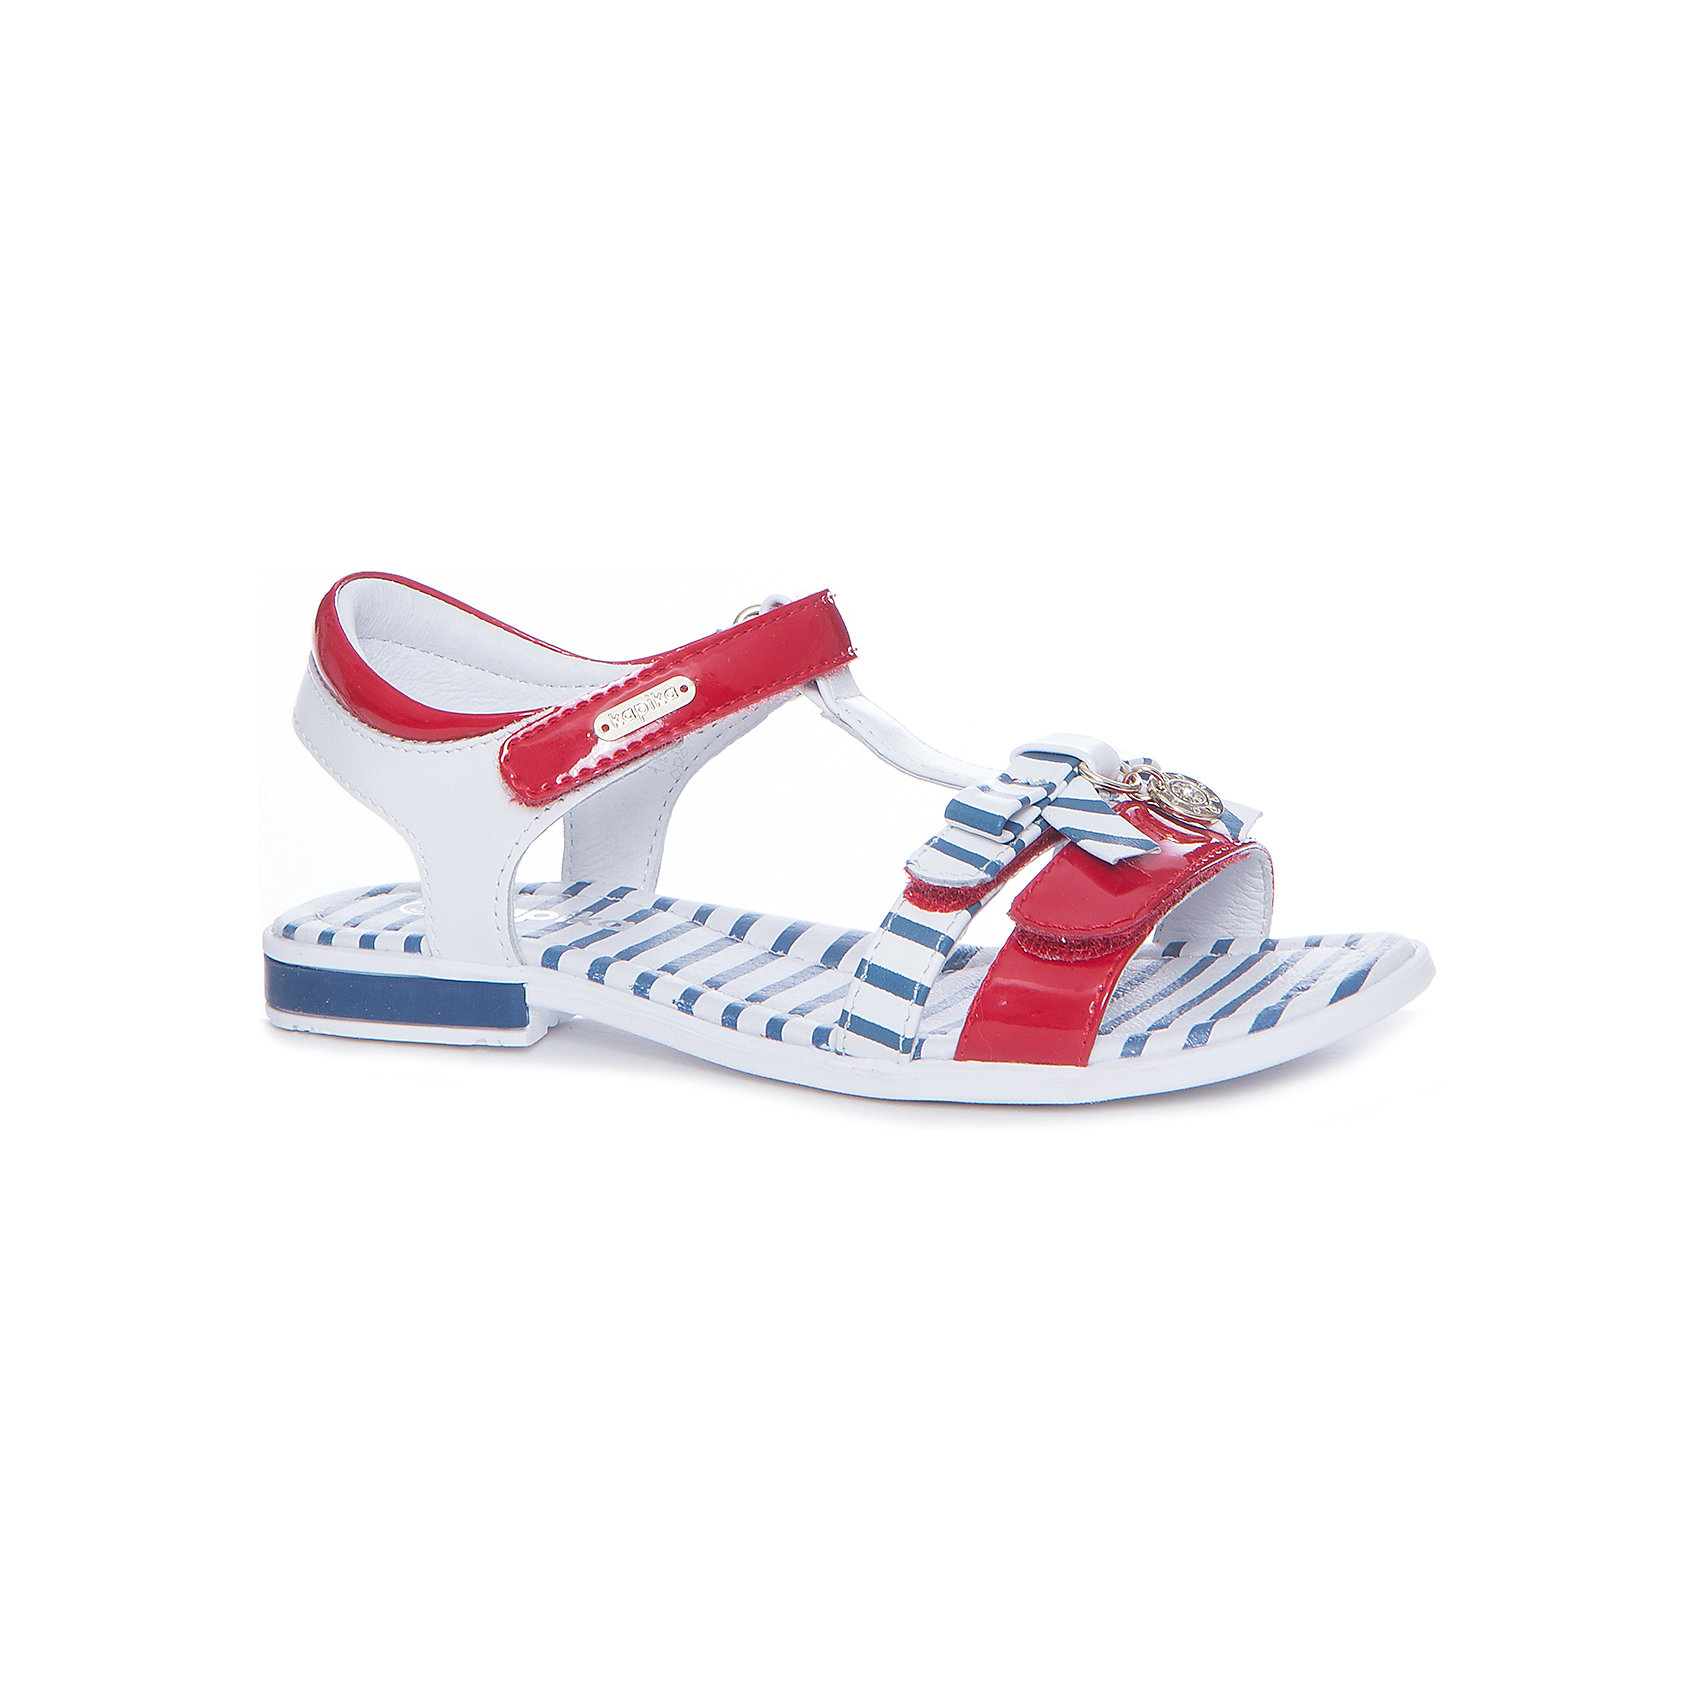 Босоножки для девочки KAPIKA, красный, синий в полоскуБосоножки<br>Характеристики товара:<br><br>• цвет: красный, синий в полоску<br>• тип обуви: анатомическая<br>• внешний материал обуви: натуральная кожа, экокожа<br>• внутренний материал: натуральная кожа<br>• стелька: натуральная кожа<br>• подошва: ТЭП<br>• с открытым мысом и открытой пяткой<br>• тип застежки: на липучке<br>• сезон: лето<br>• страна бренда: Россия<br>• страна изготовитель: Китай<br><br>Босоножки для девочки от российского бренда Kapika (Капика) можно купить в нашем интернет-магазине.<br><br>Ширина мм: 227<br>Глубина мм: 145<br>Высота мм: 124<br>Вес г: 325<br>Цвет: белый<br>Возраст от месяцев: 144<br>Возраст до месяцев: 156<br>Пол: Женский<br>Возраст: Детский<br>Размер: 36,30,31,32,33,34,35<br>SKU: 5323879